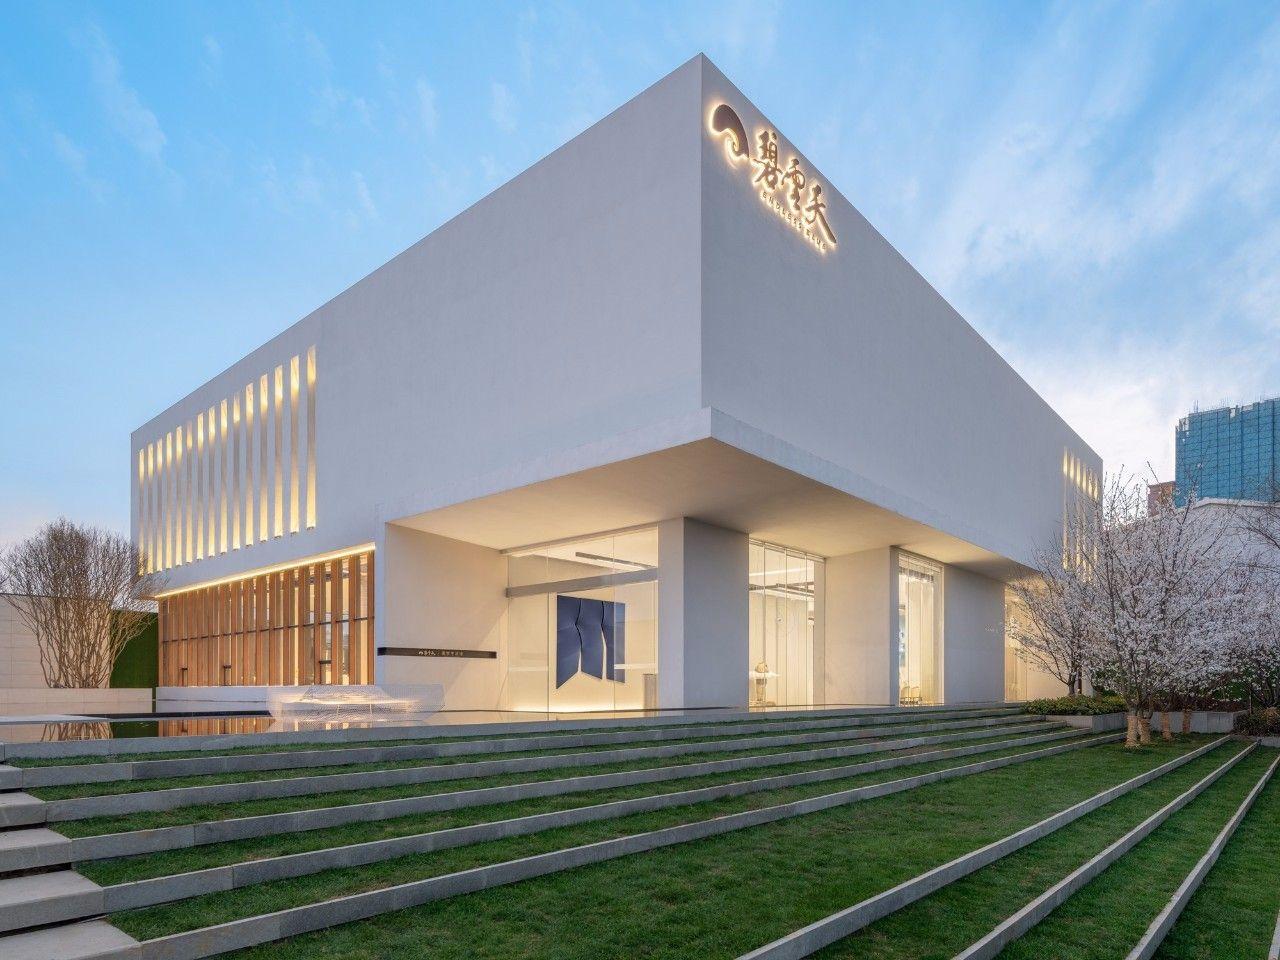 【G&K新作】武汉最艺术的沉浸体验式售楼处设计|G&K建筑设计咨询有限公司 - 1